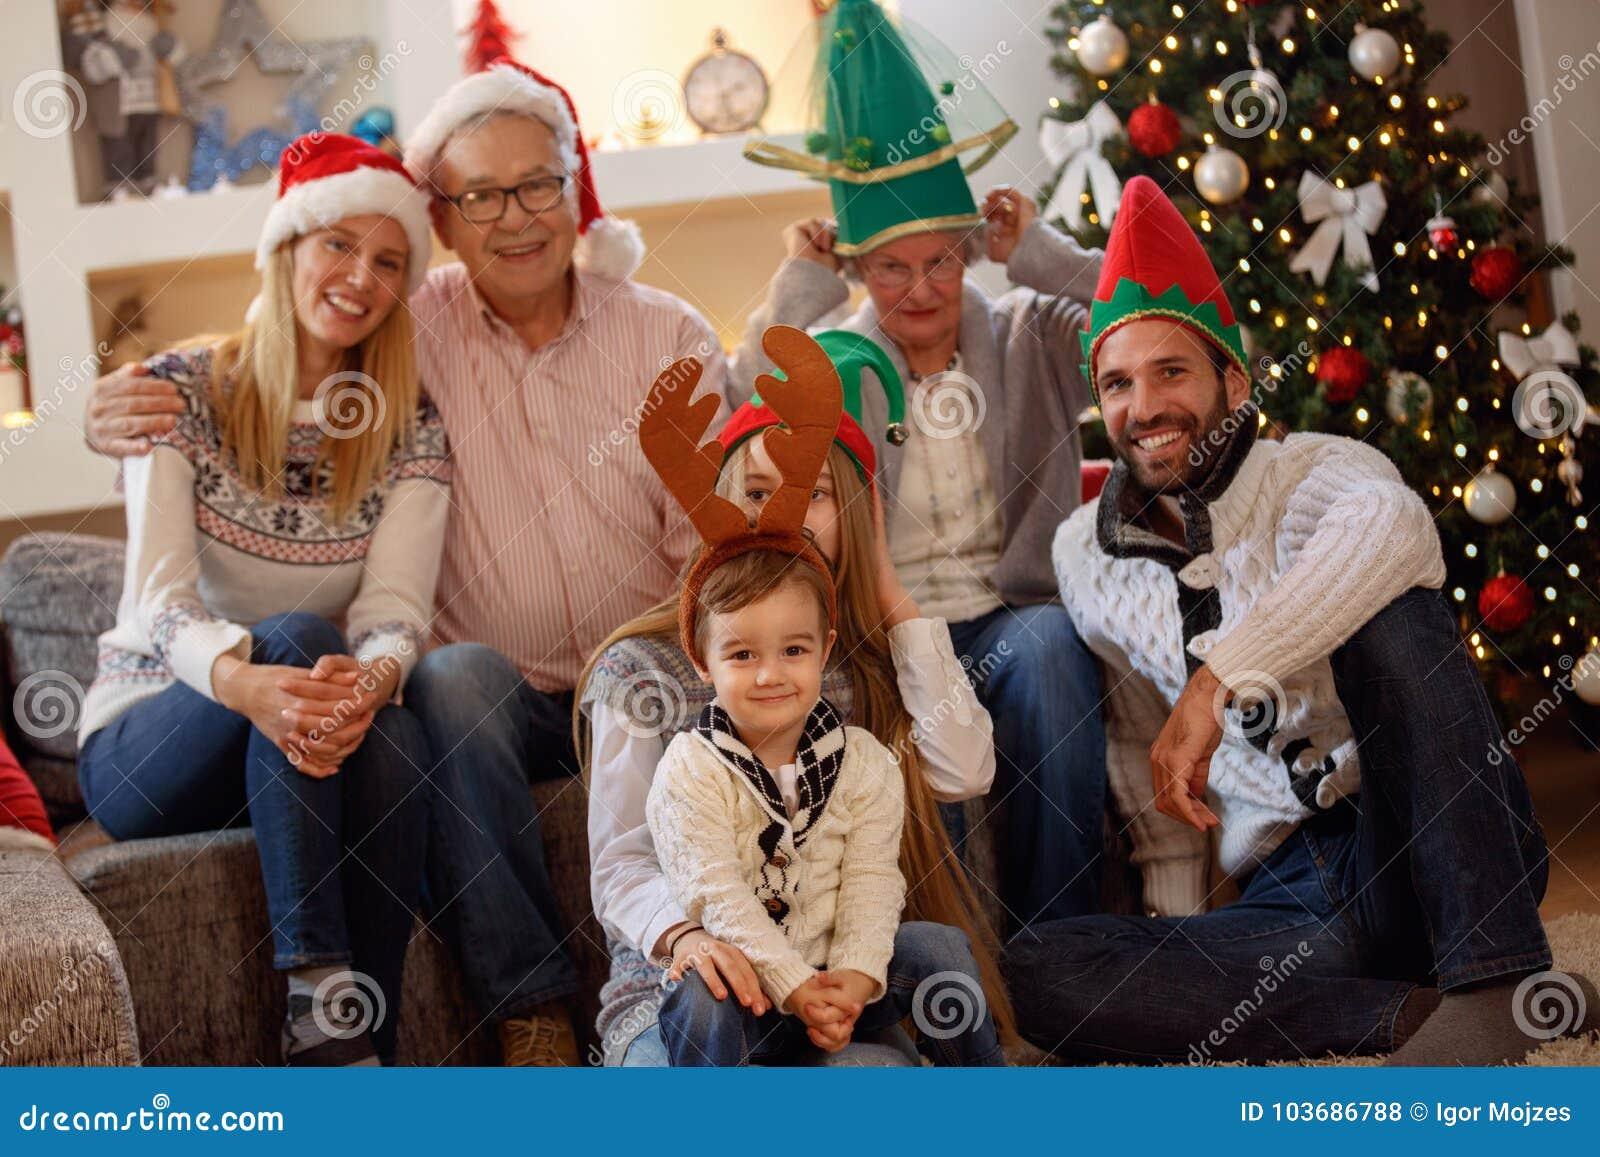 Portret van uitgebreide familie in Kerstmishoeden